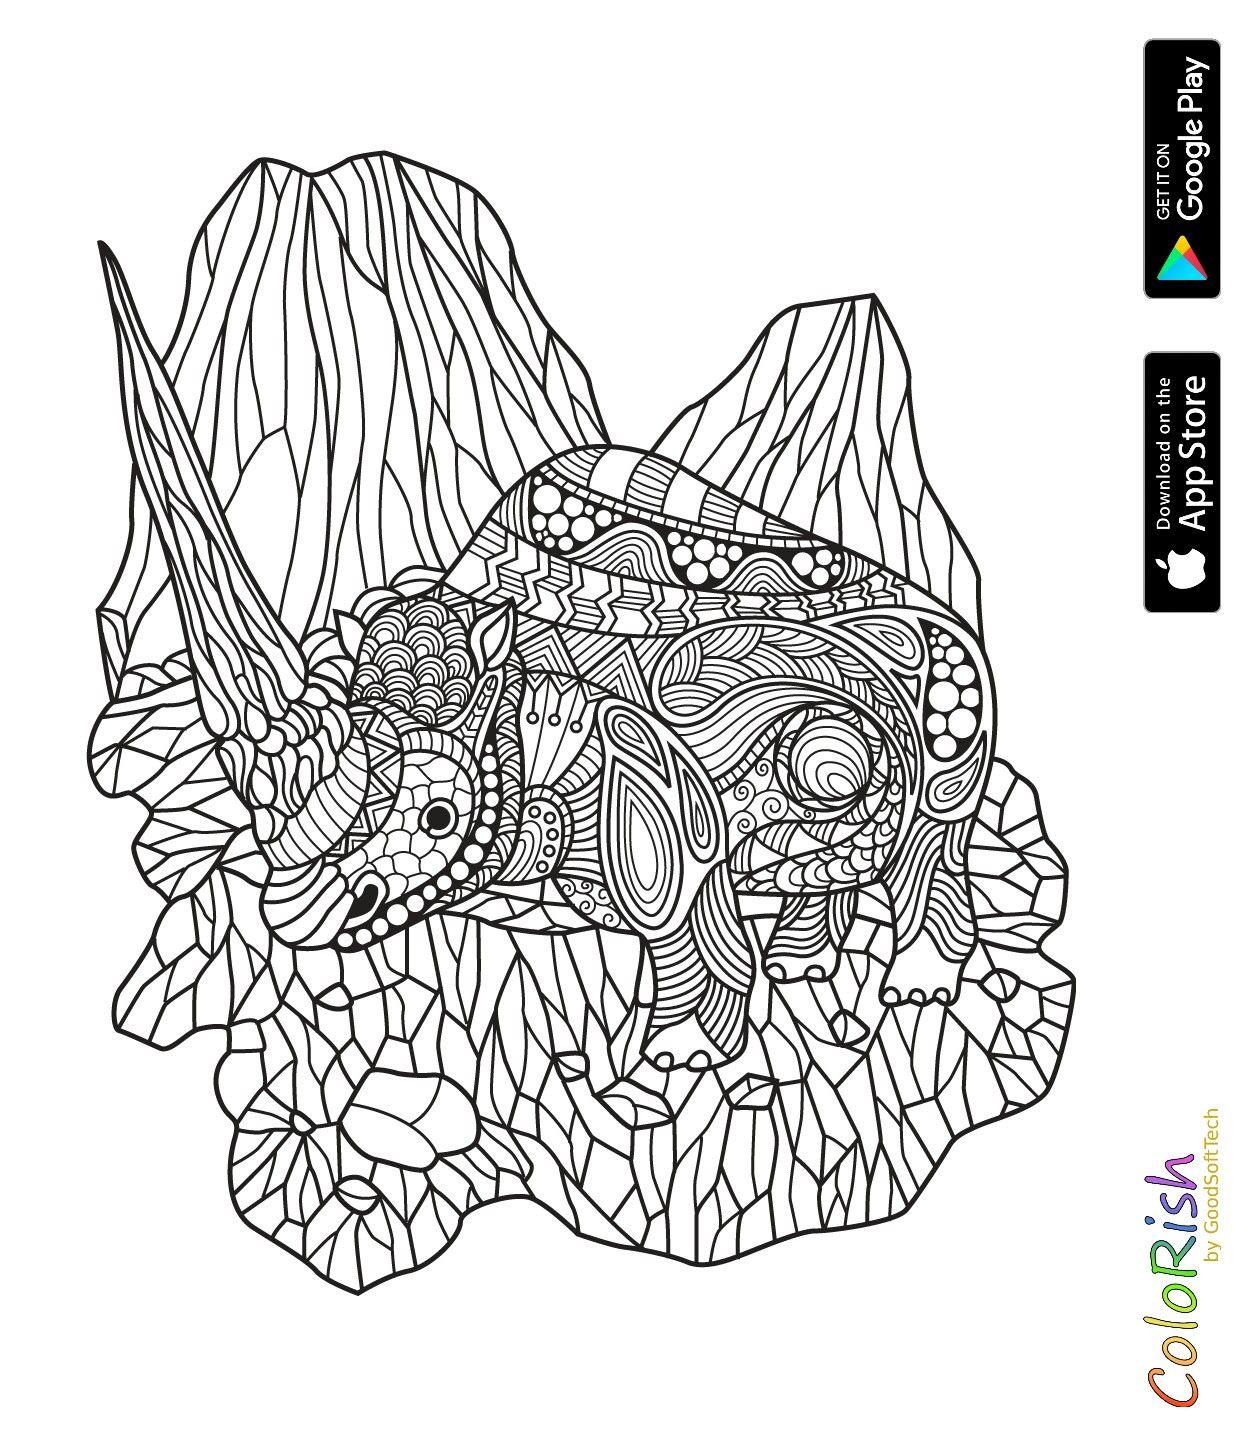 Pin de Rosa María en Dragones y mecanicos 03 | Pinterest | Dragones